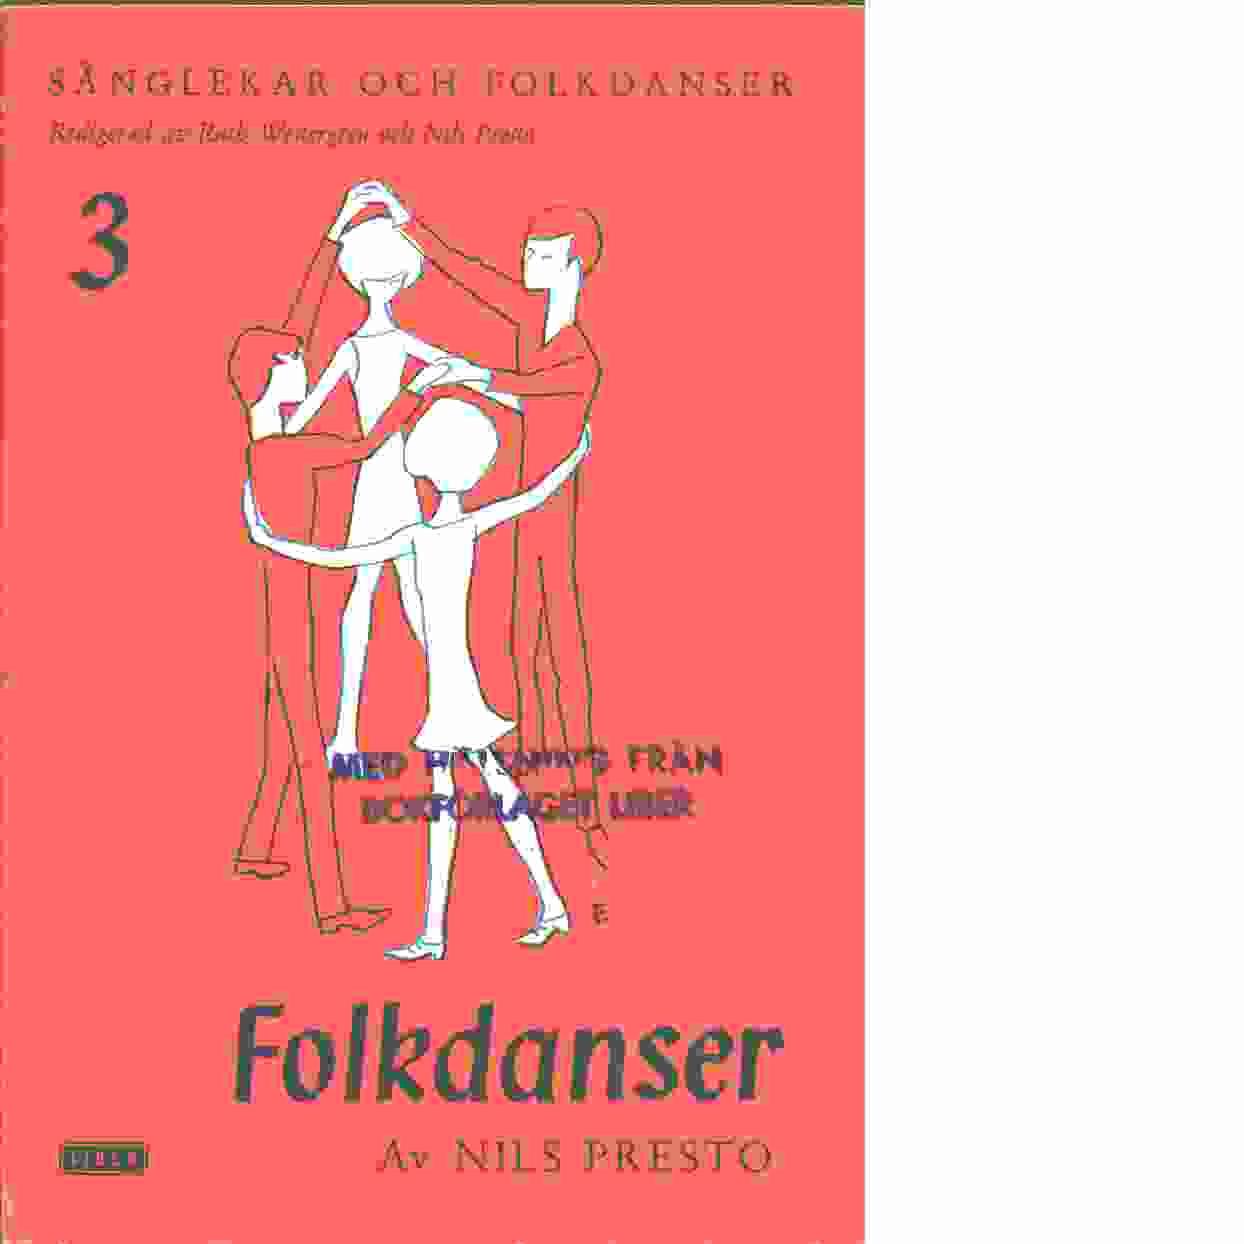 Sånglekar och folkdanser. 3, Folkdanser - Red. Presto, Nils